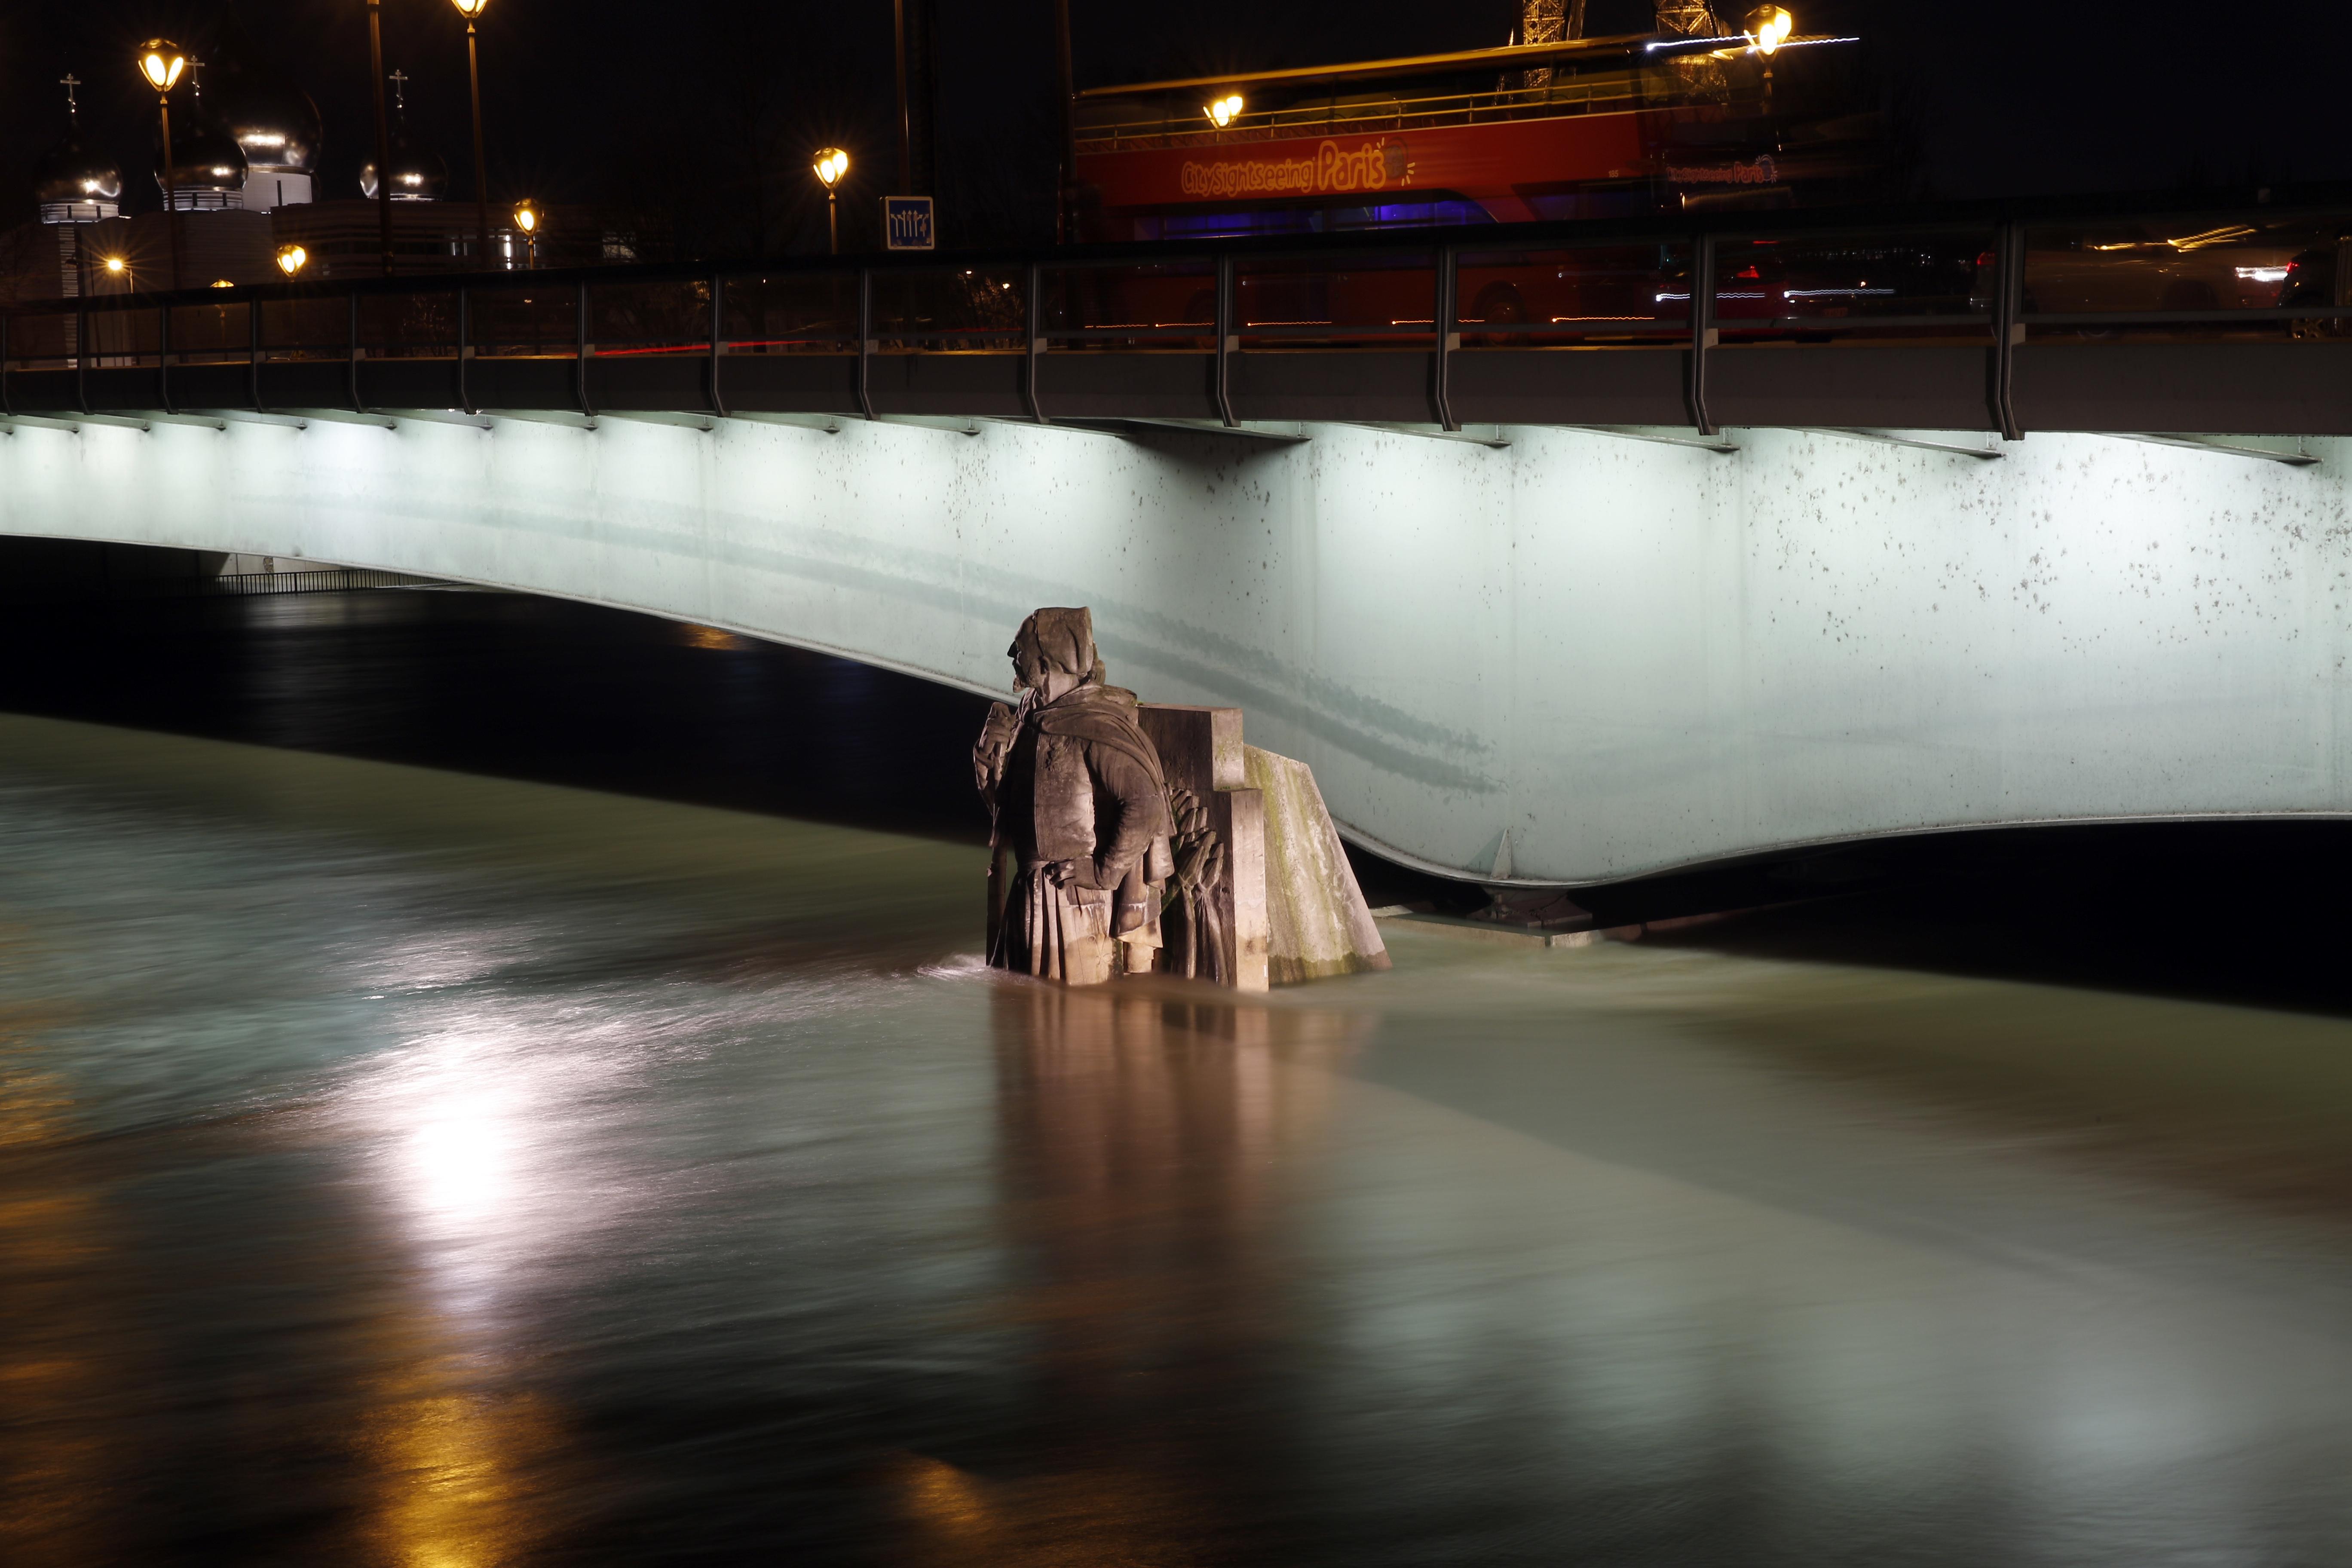 阿爾瑪橋(Pont de l'Alma)下的克里米亞戰爭步兵雕像(Zouave),水位升至雕像大腿一半。美聯社